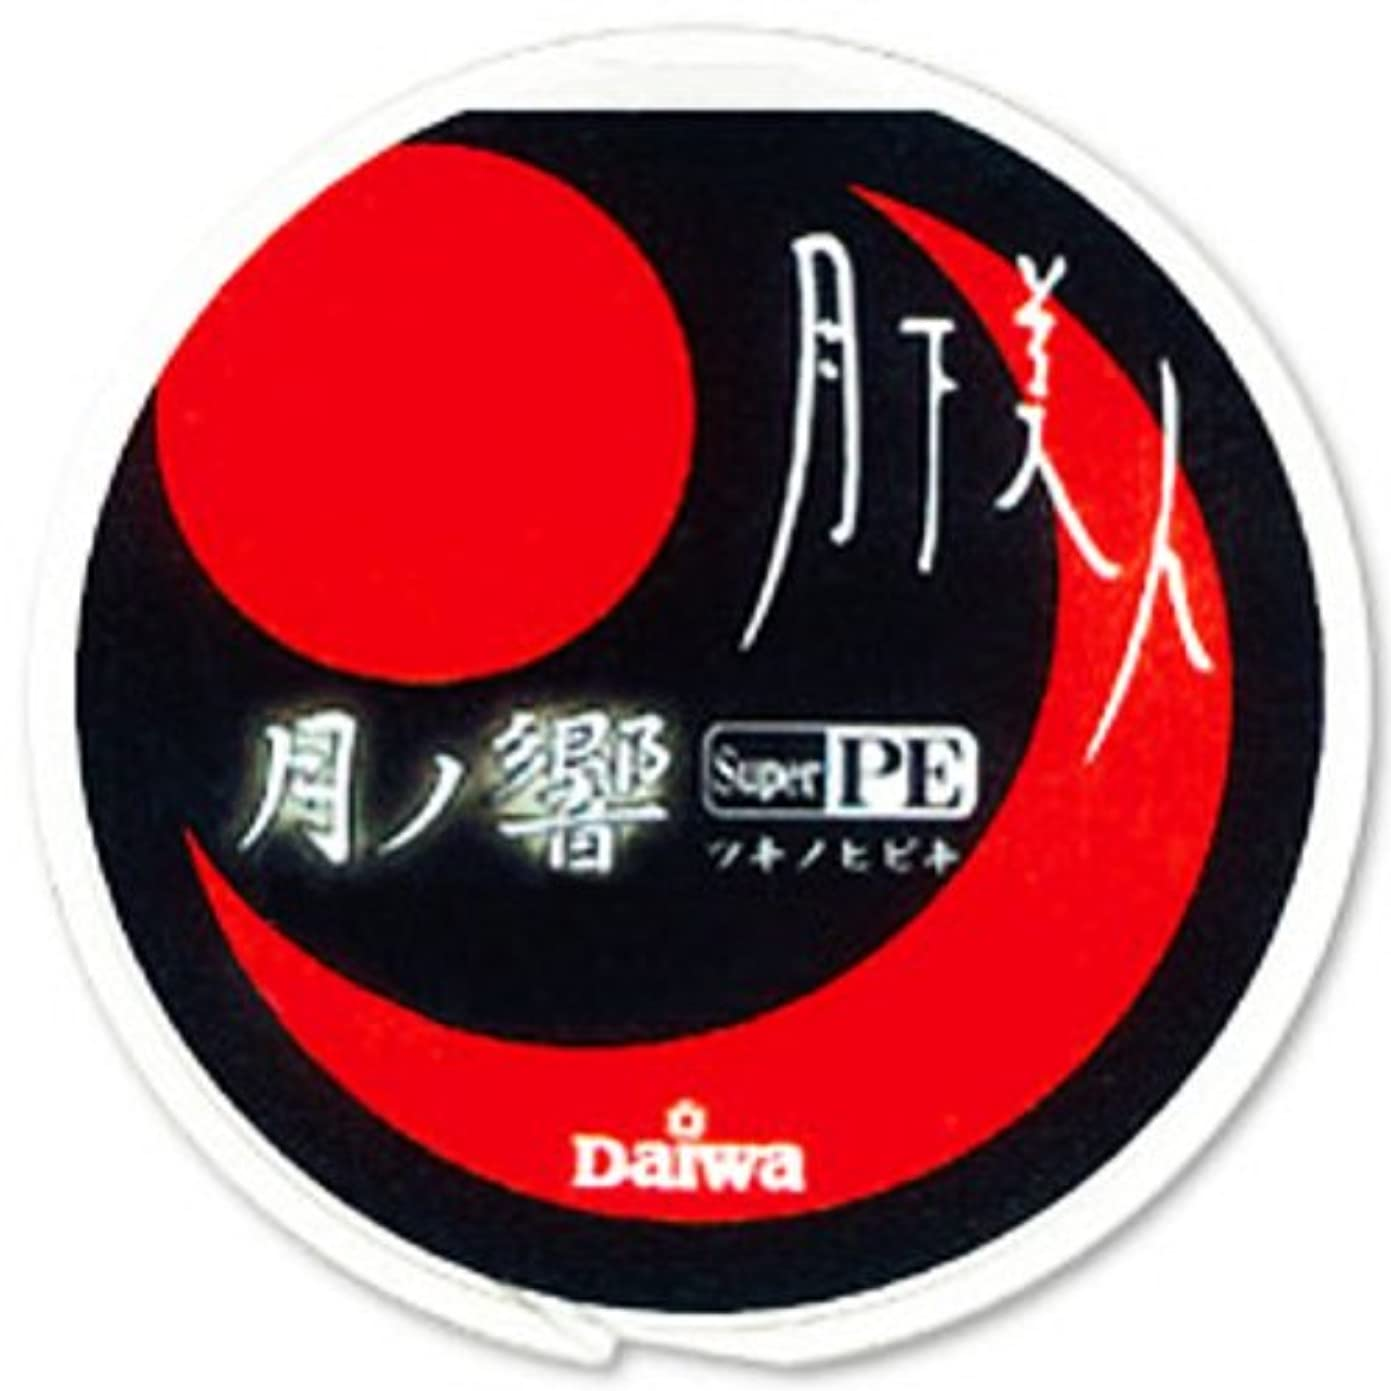 ブームブラシアリスダイワ(Daiwa) PEライン アジング メバリング 月下美人 月ノ響 遠投 150m 0.4号 ピンク 4633297